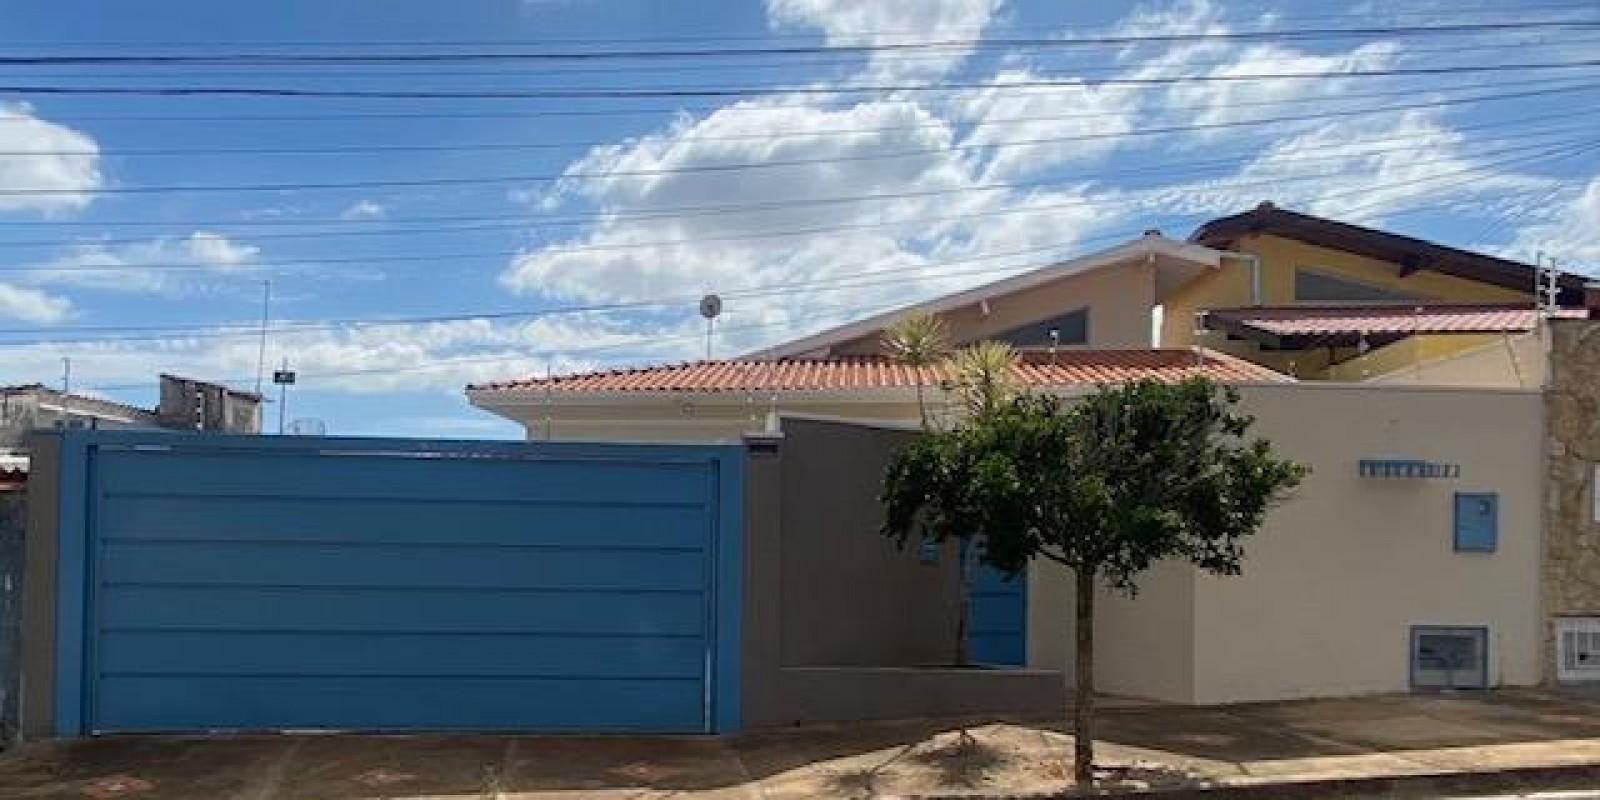 Casa no Bairro Brabancia em Avaré SP - Foto 24 de 24